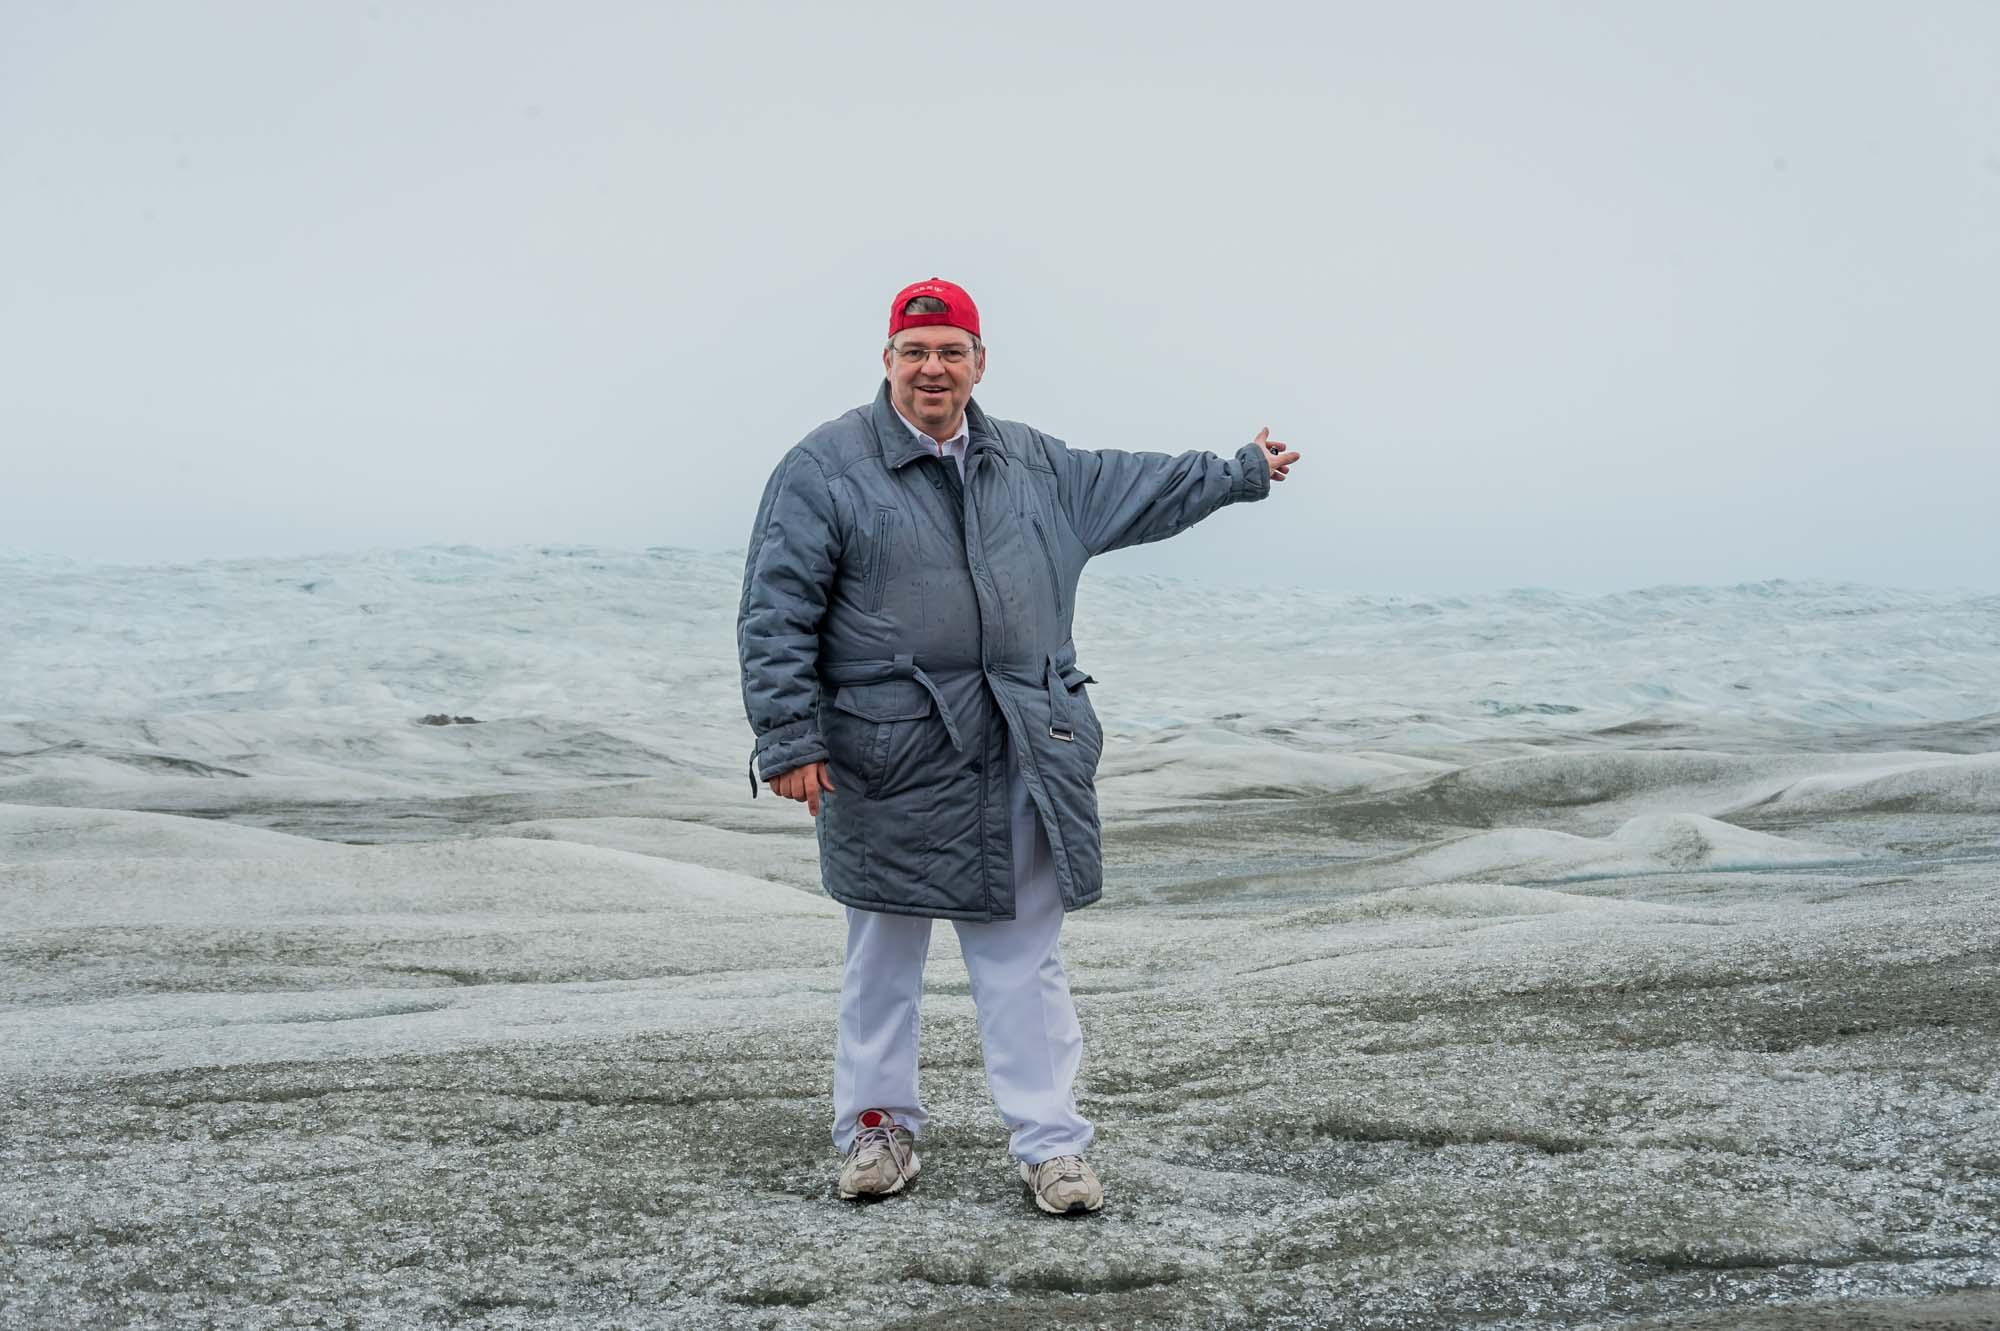 Peter Jurgilewitsch auf dem Inlandeisschild bei Kangerlussuaq auf Grönland